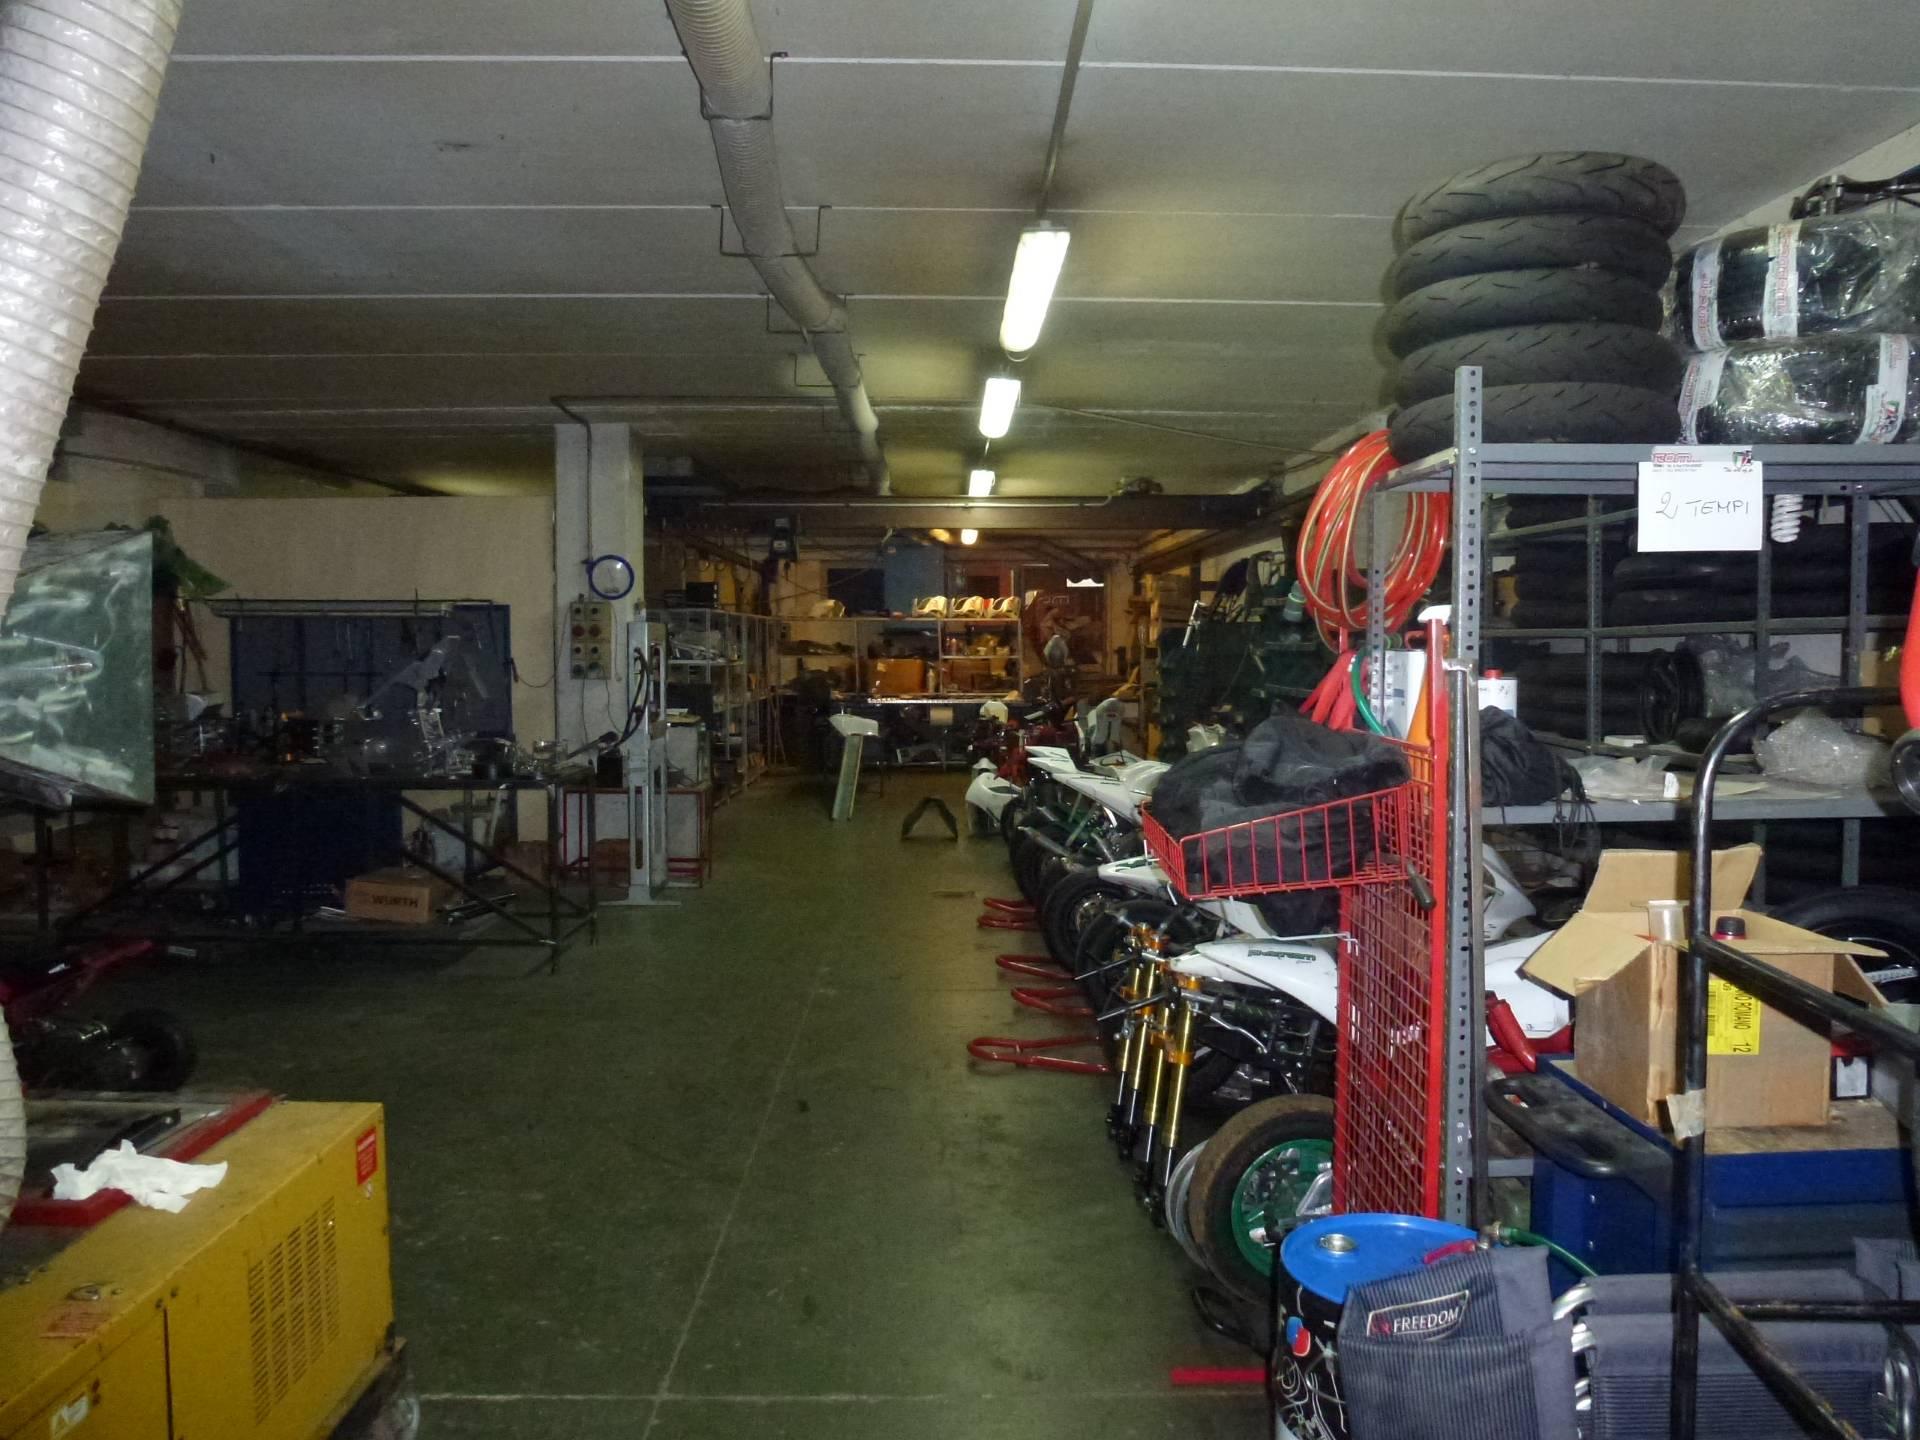 Laboratorio in vendita a Grottazzolina, 9999 locali, prezzo € 150.000 | CambioCasa.it